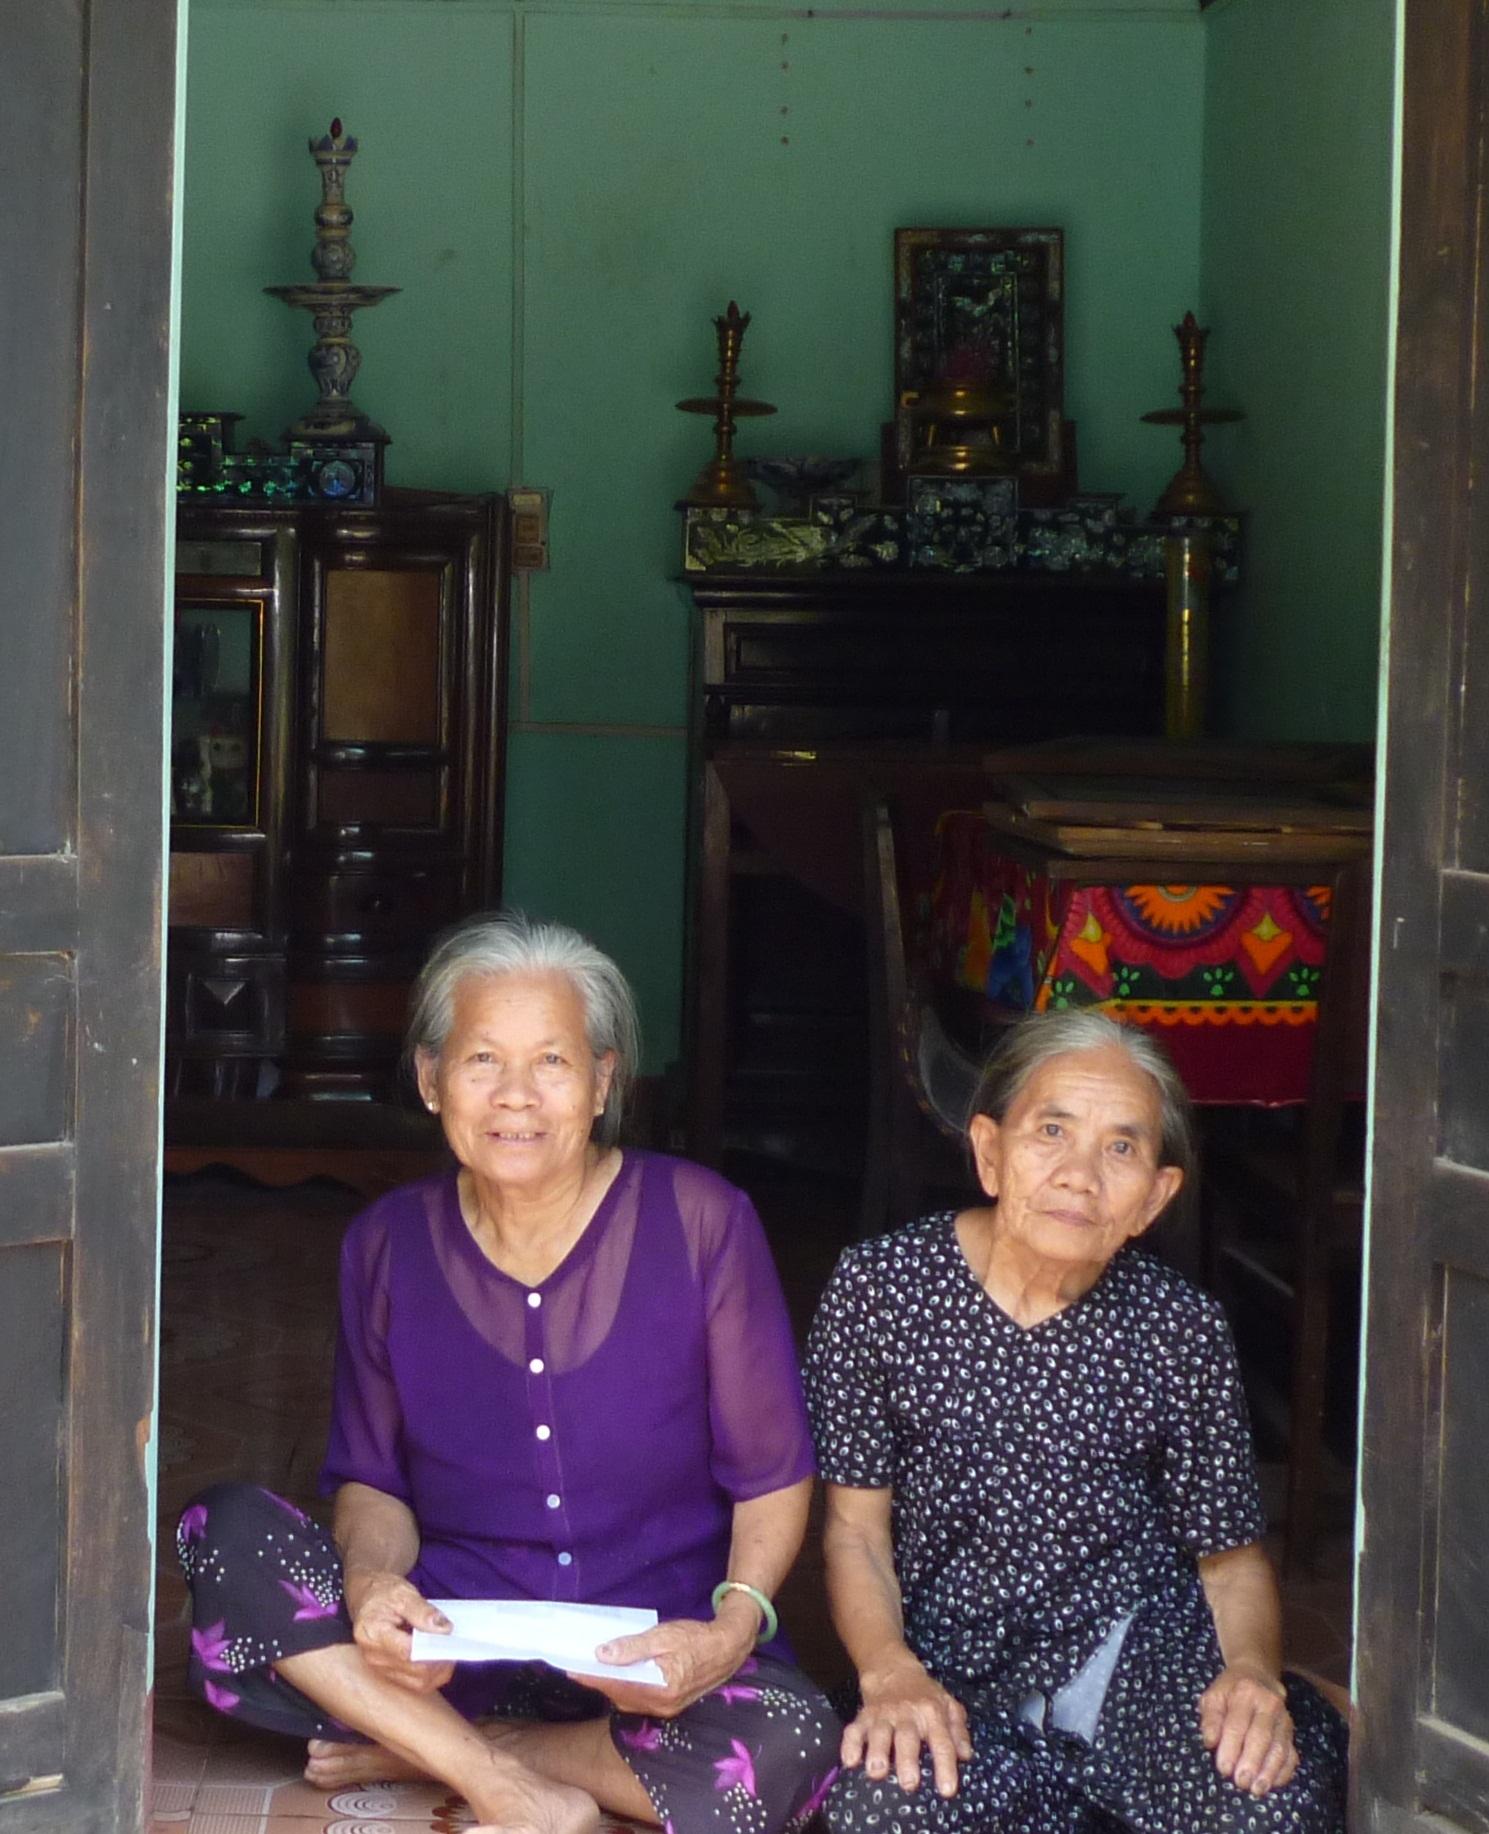 Bà Đào (bên trái) cùng bà Nguyễn Thị Khanh kể lại chuyện cũ